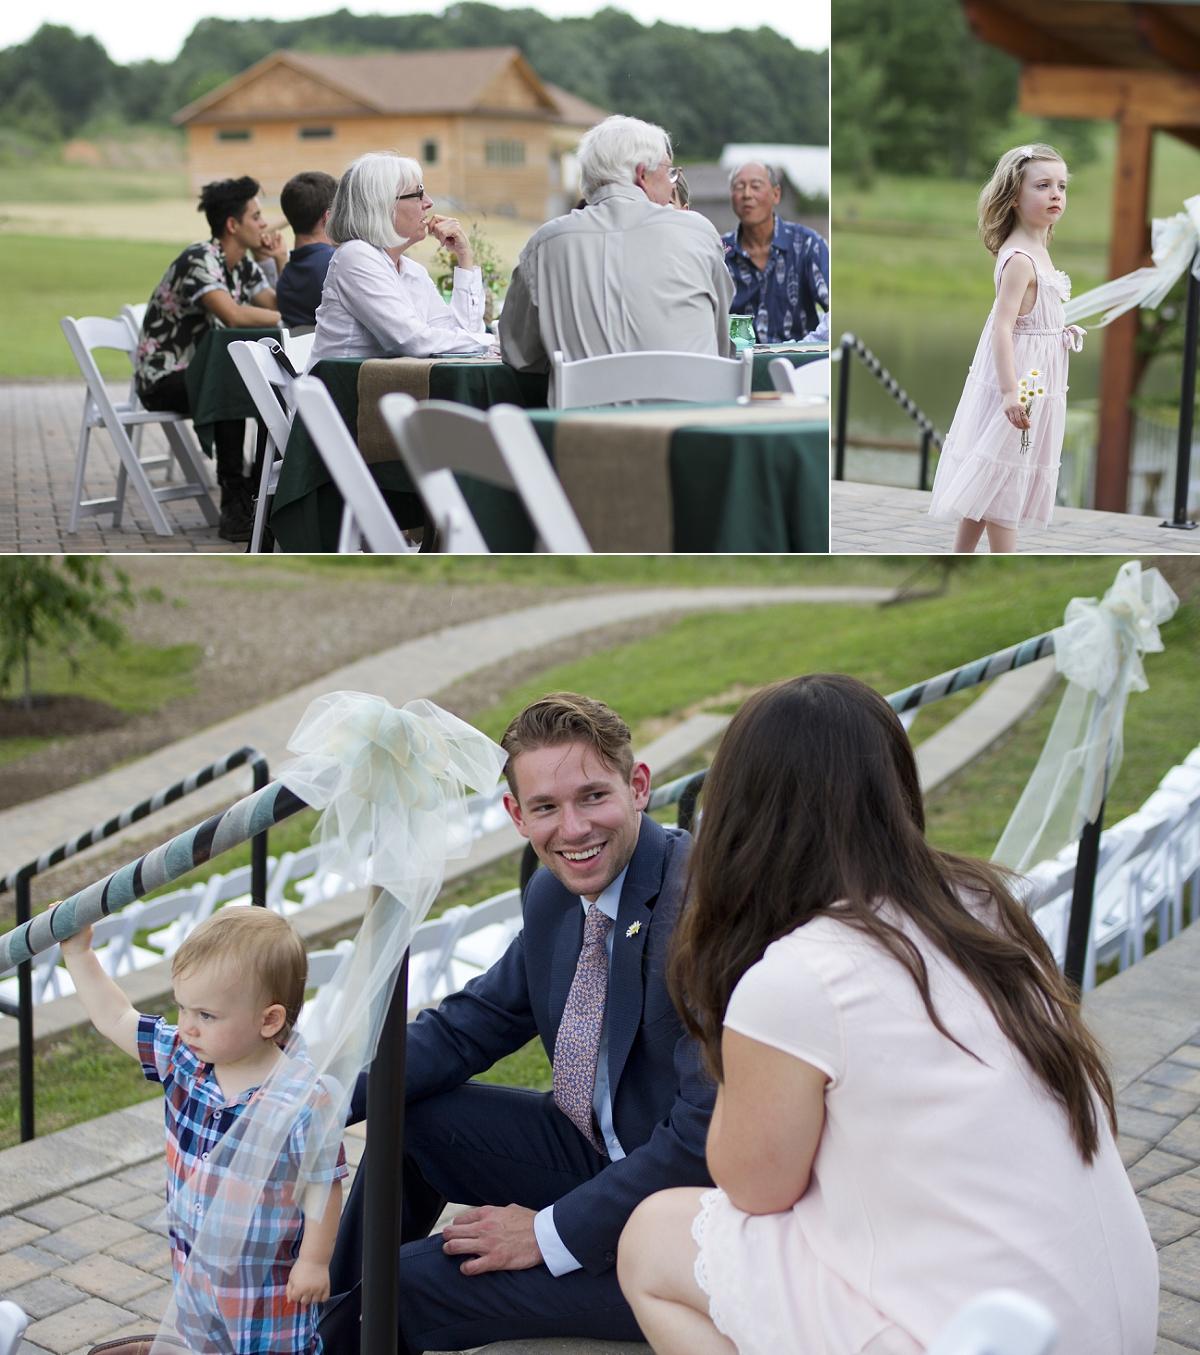 Floyd-EcoVillage-Wedding-Photos-_0003.jpg